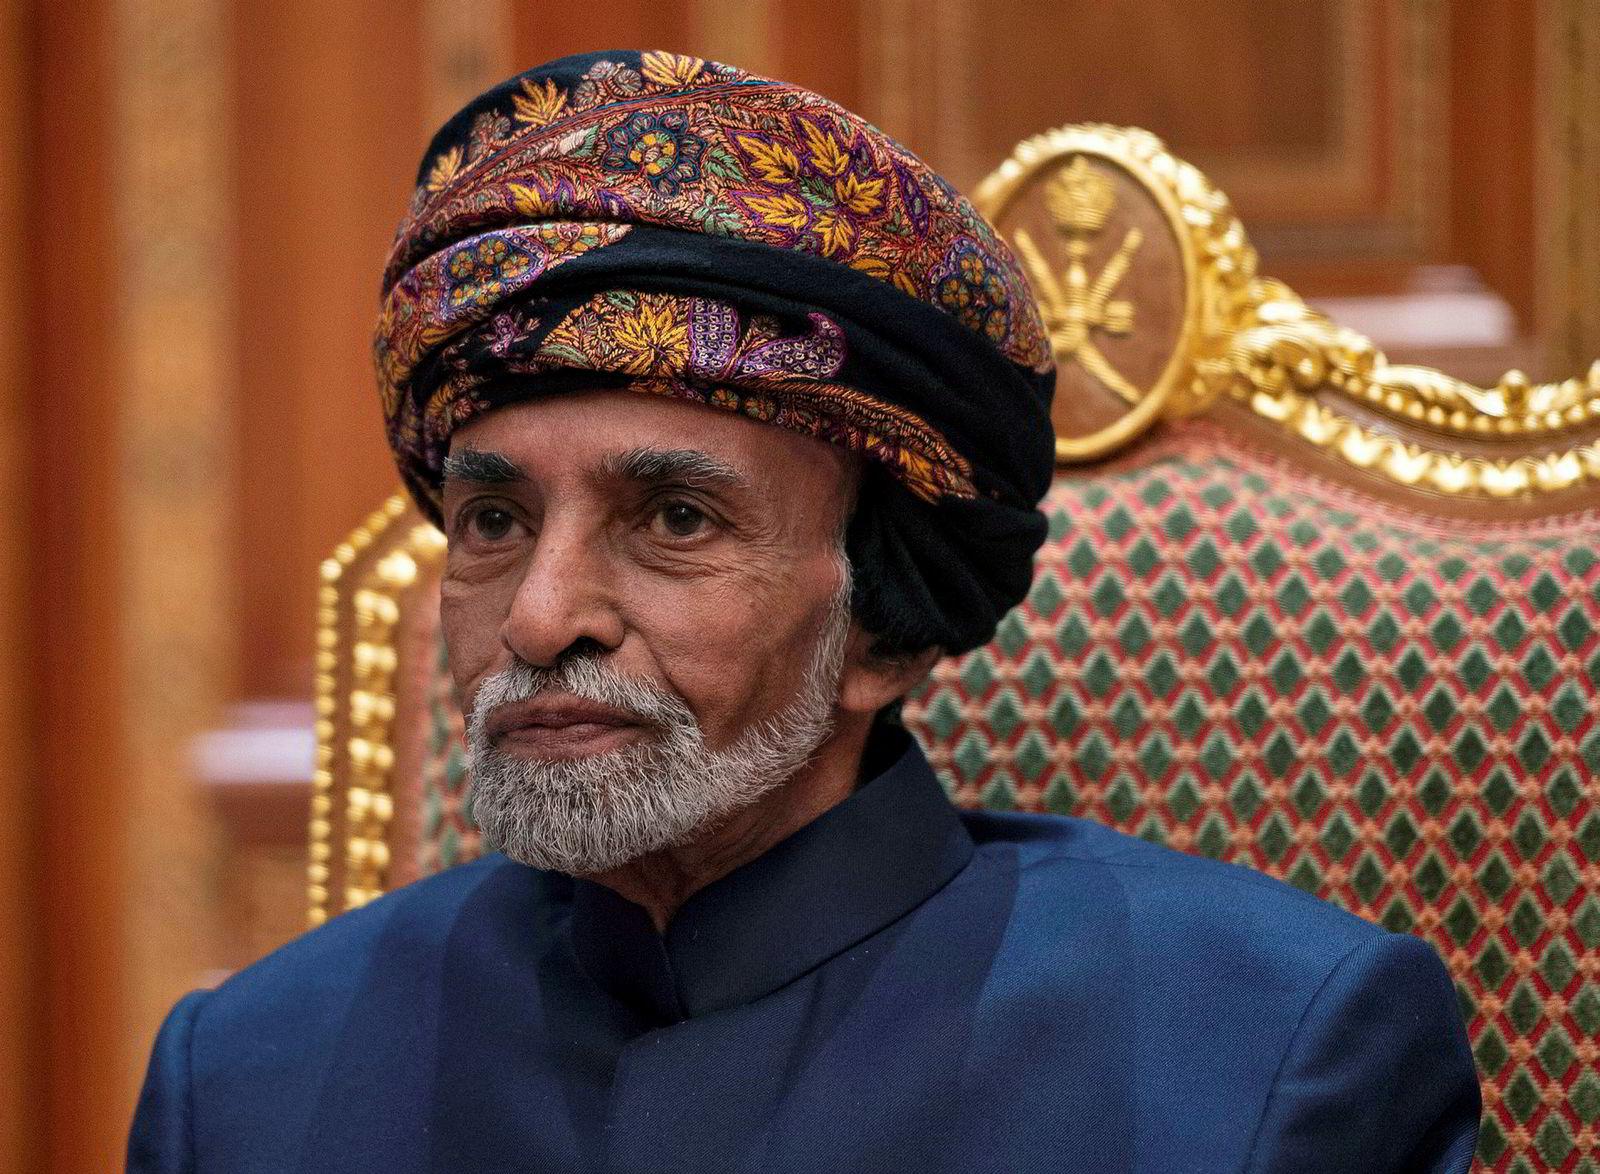 Avdøde sultan Qaboos bin Said al-Said av Oman.